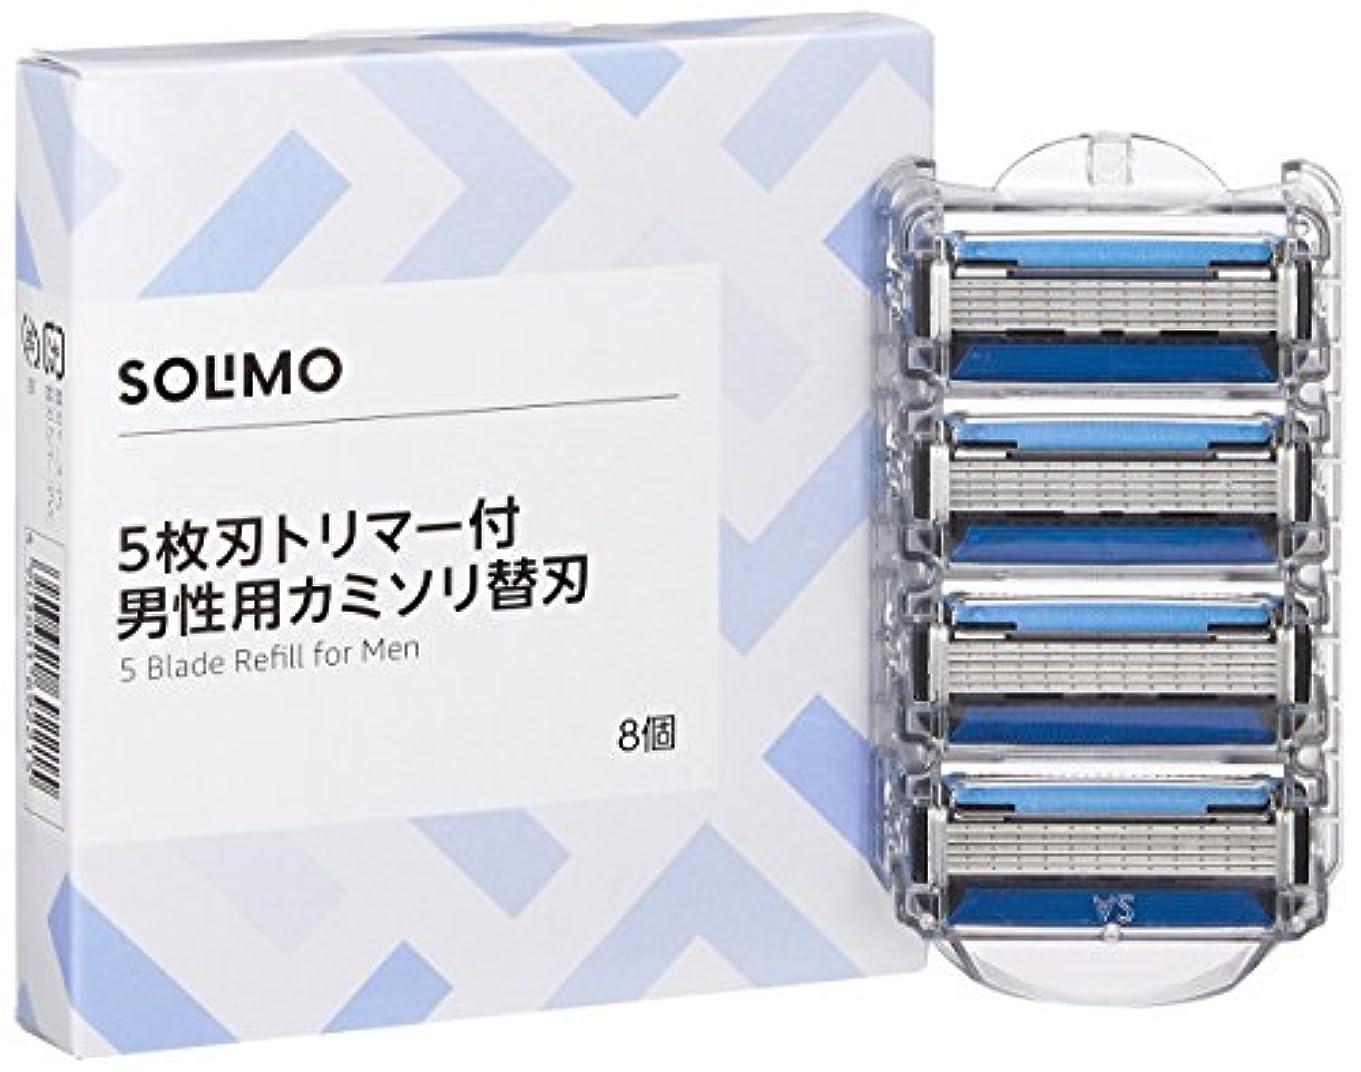 テメリティ巻き取り彼らのもの[Amazonブランド]SOLIMO 5枚刃 トリマー付 男性用 カミソリ替刃8個